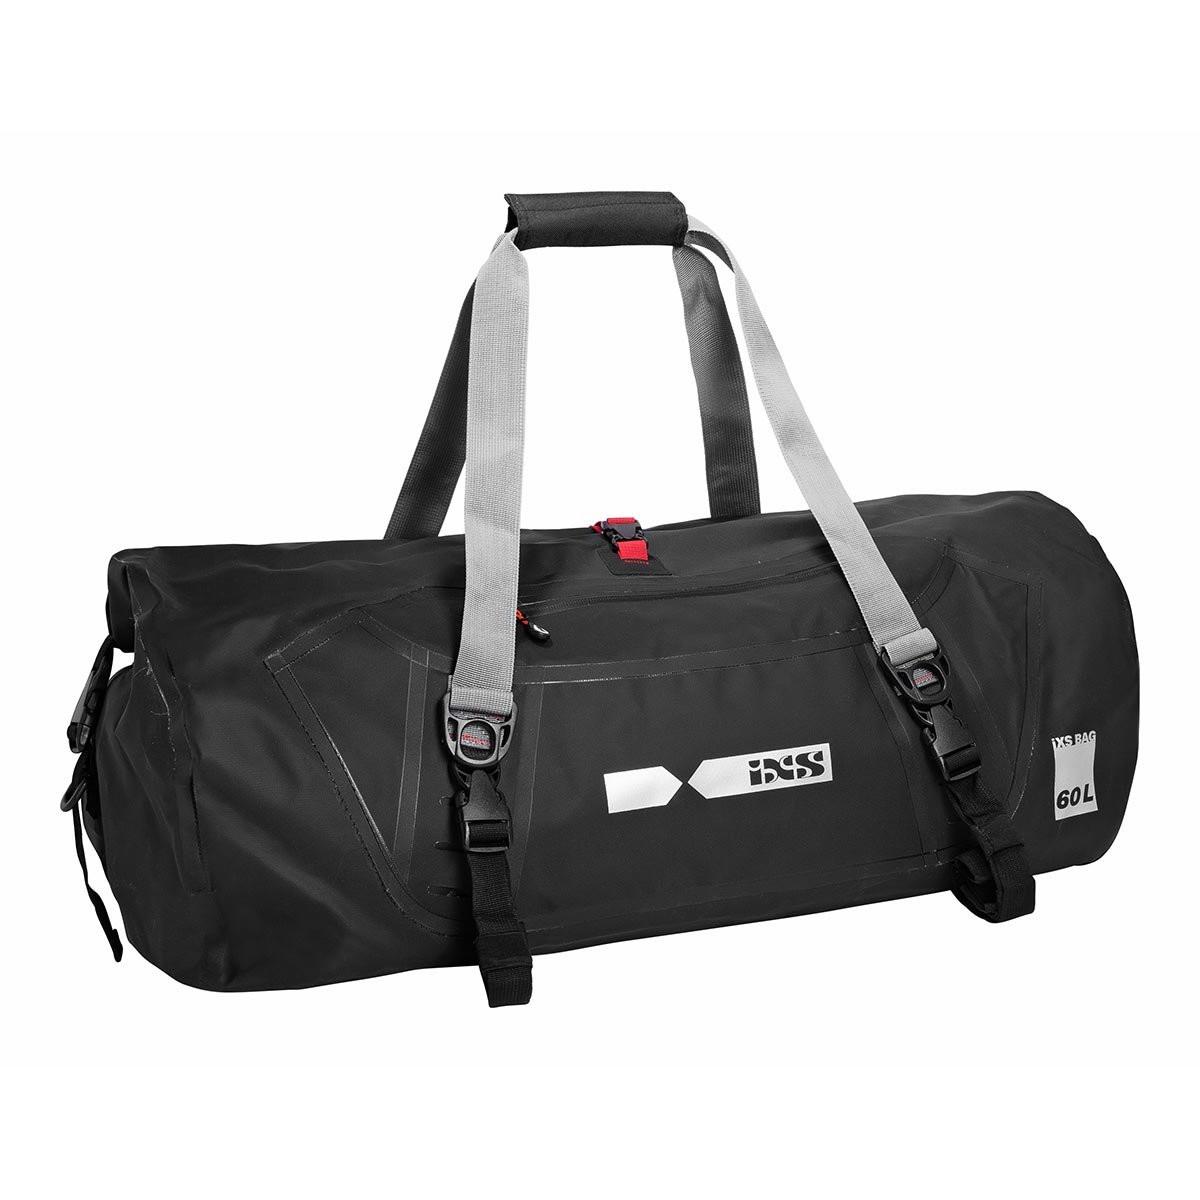 TP Drybag 60 1.0